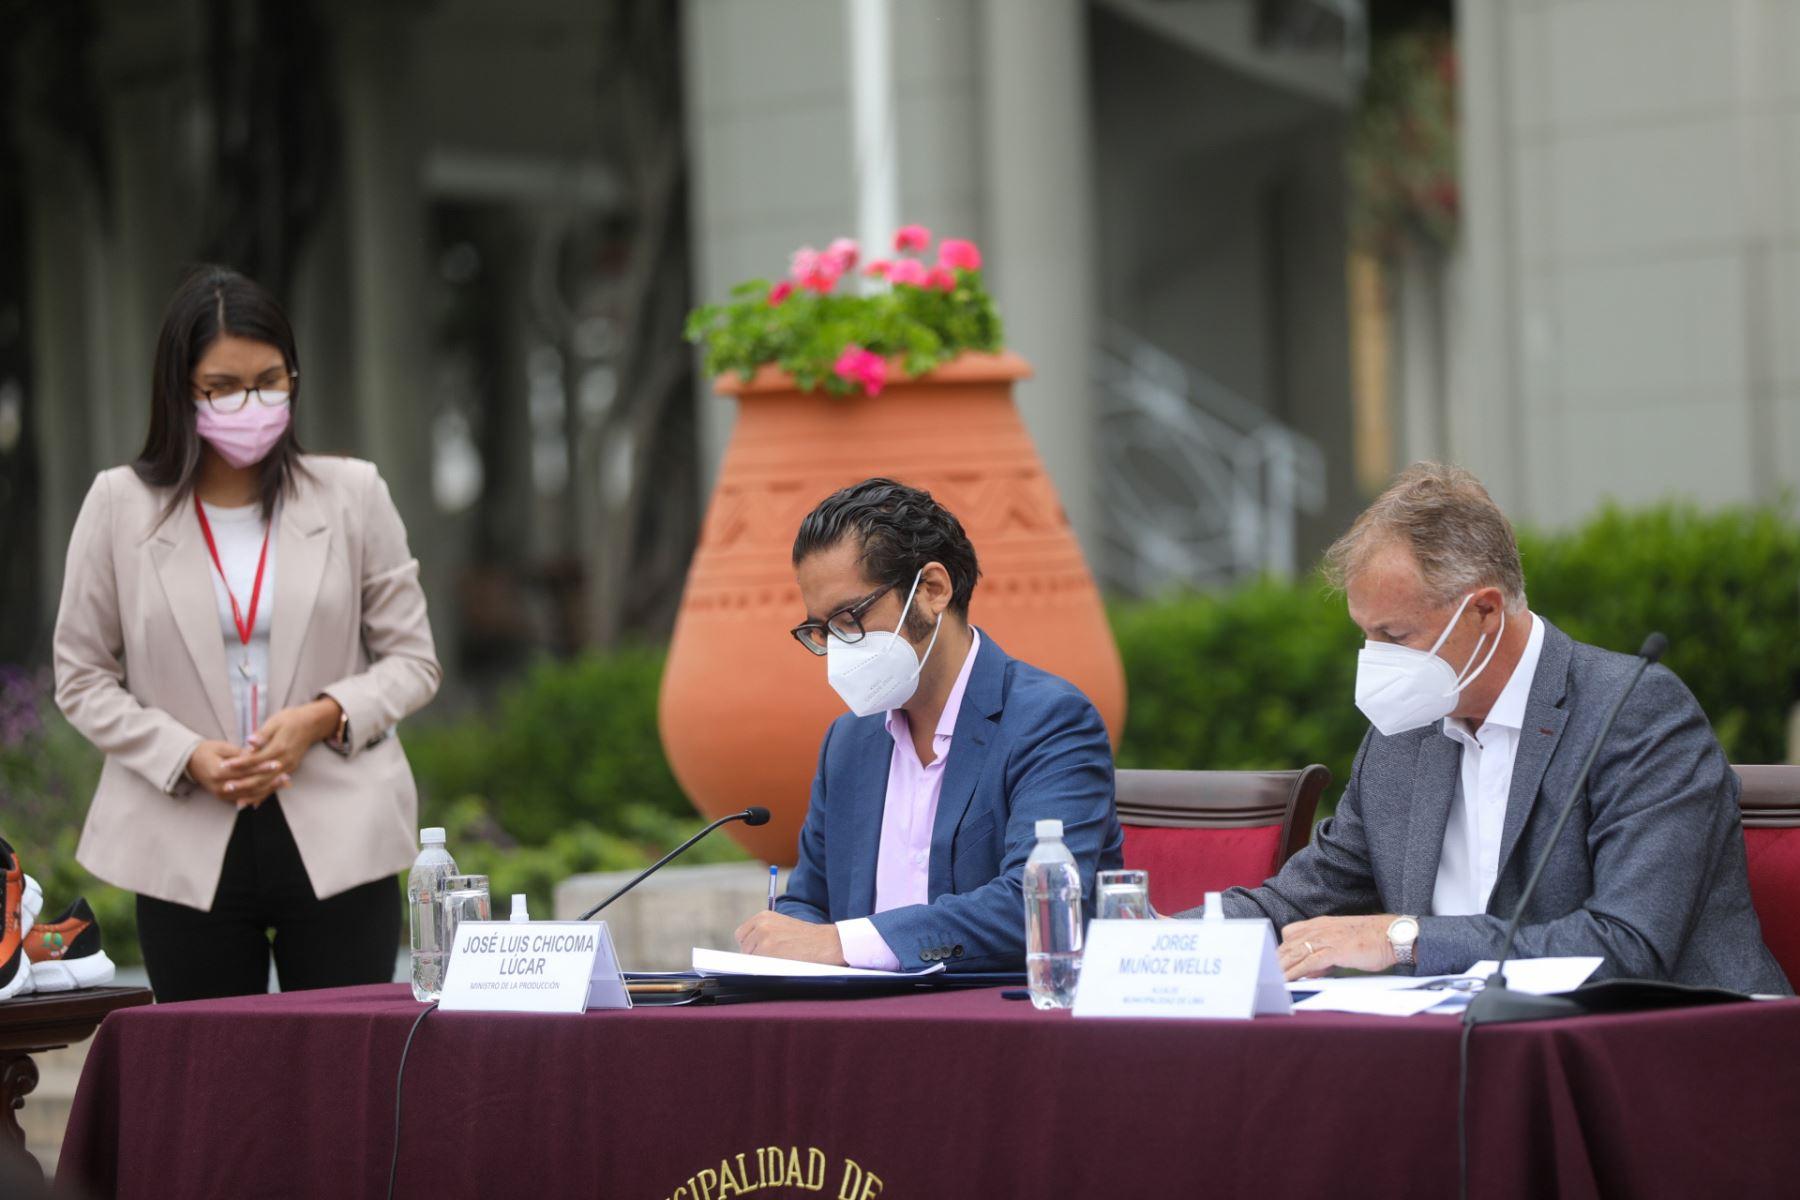 Ministerio de la Producción y Municipalidad de Lima firman un convenio de Cooperación Interinstitucional, con el fin de implementar mecanismos de coordinación, interacción, cooperación y reciprocidad en cuatro ejes: producción, comercio, proyectos y terrazas gastronómicas. Foto: Produce